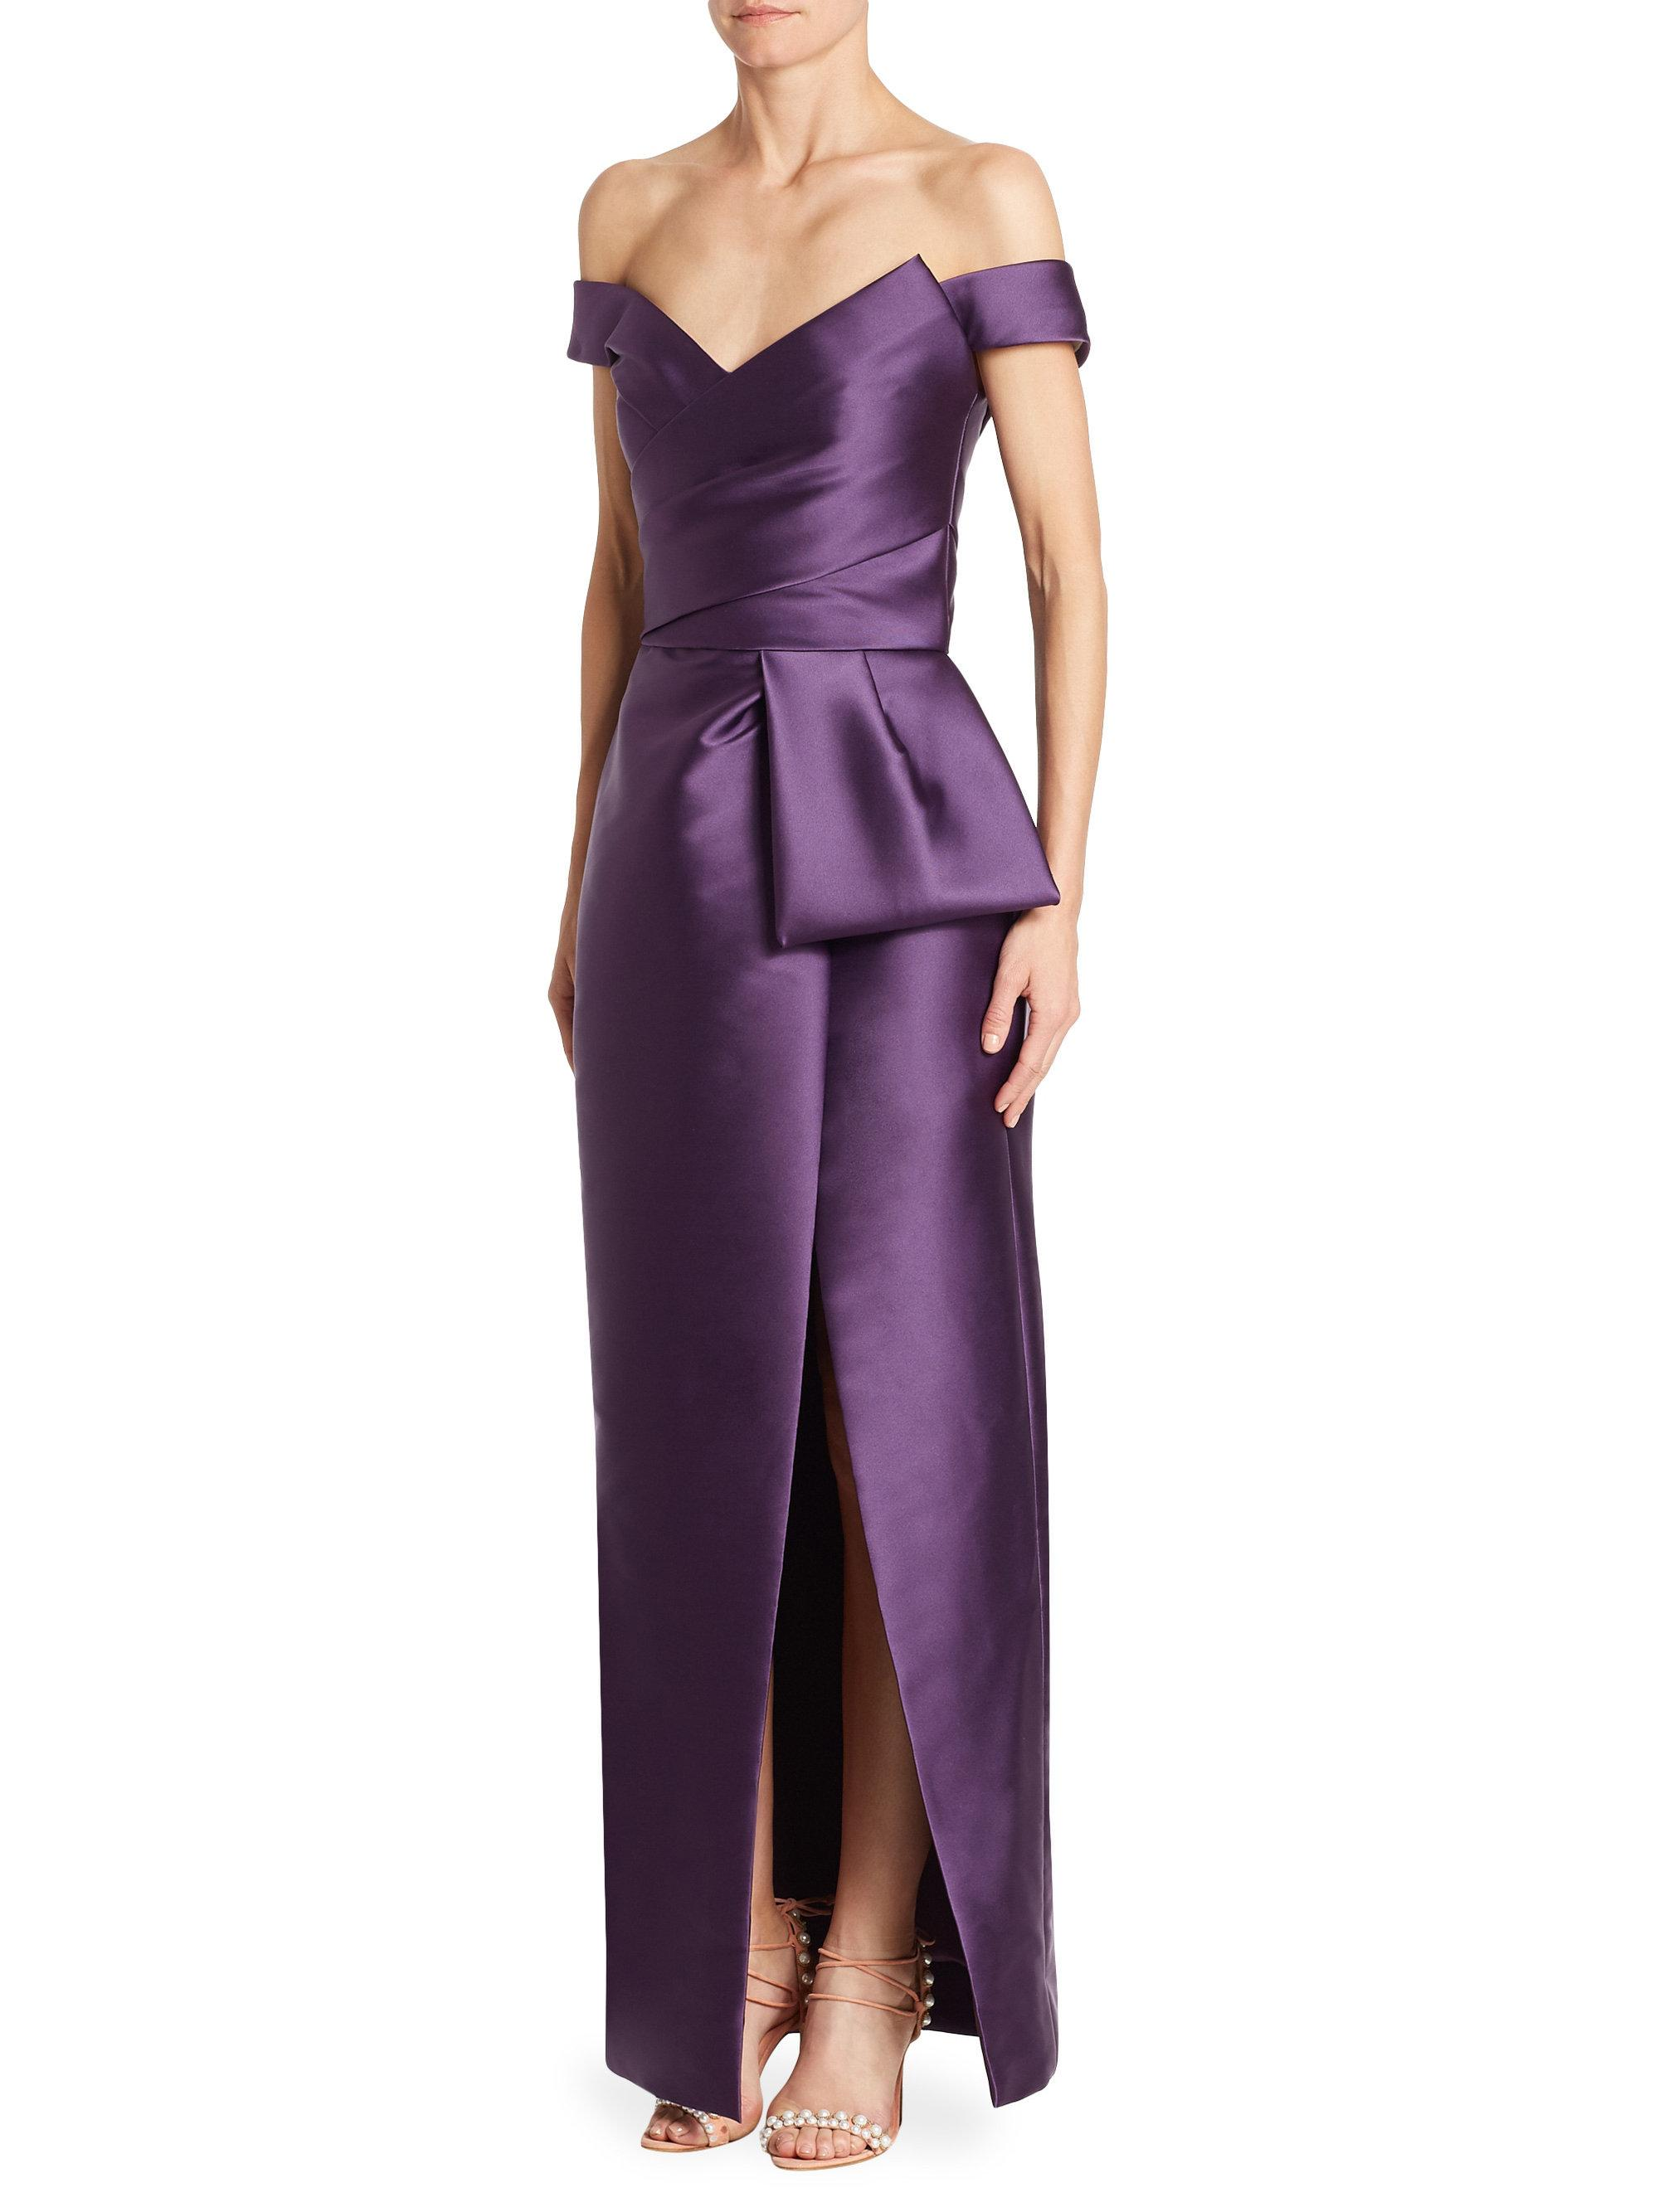 Lyst - Monique Lhuillier Off-the-shoulder Tulip Gown in Purple